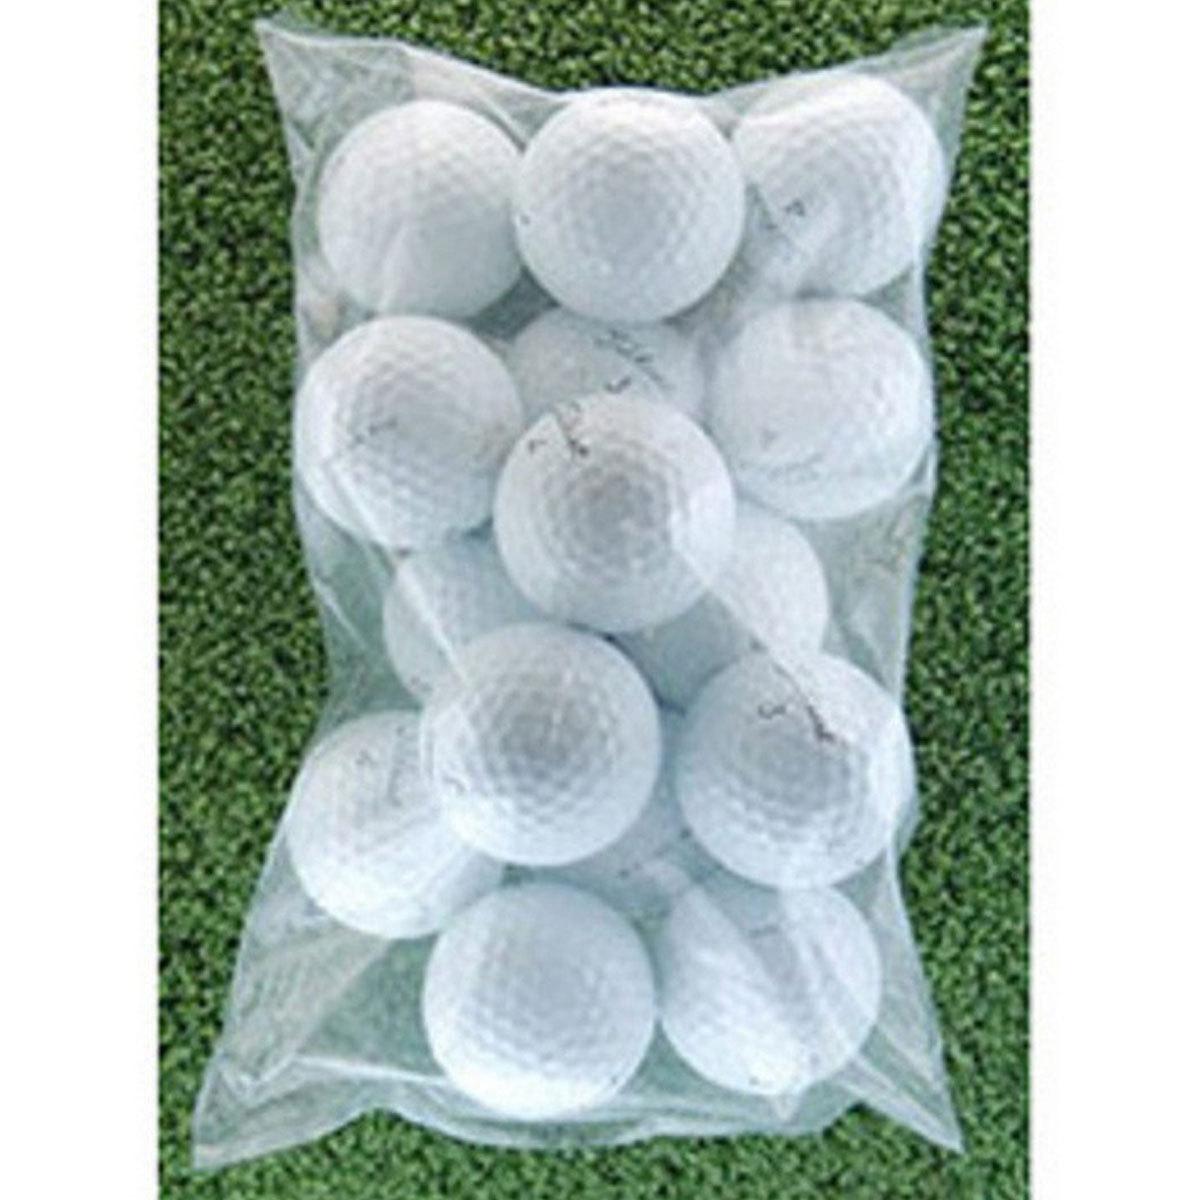 メイホウゴルフ ロストボール プロV1小袋15個入り4パック 60個セット